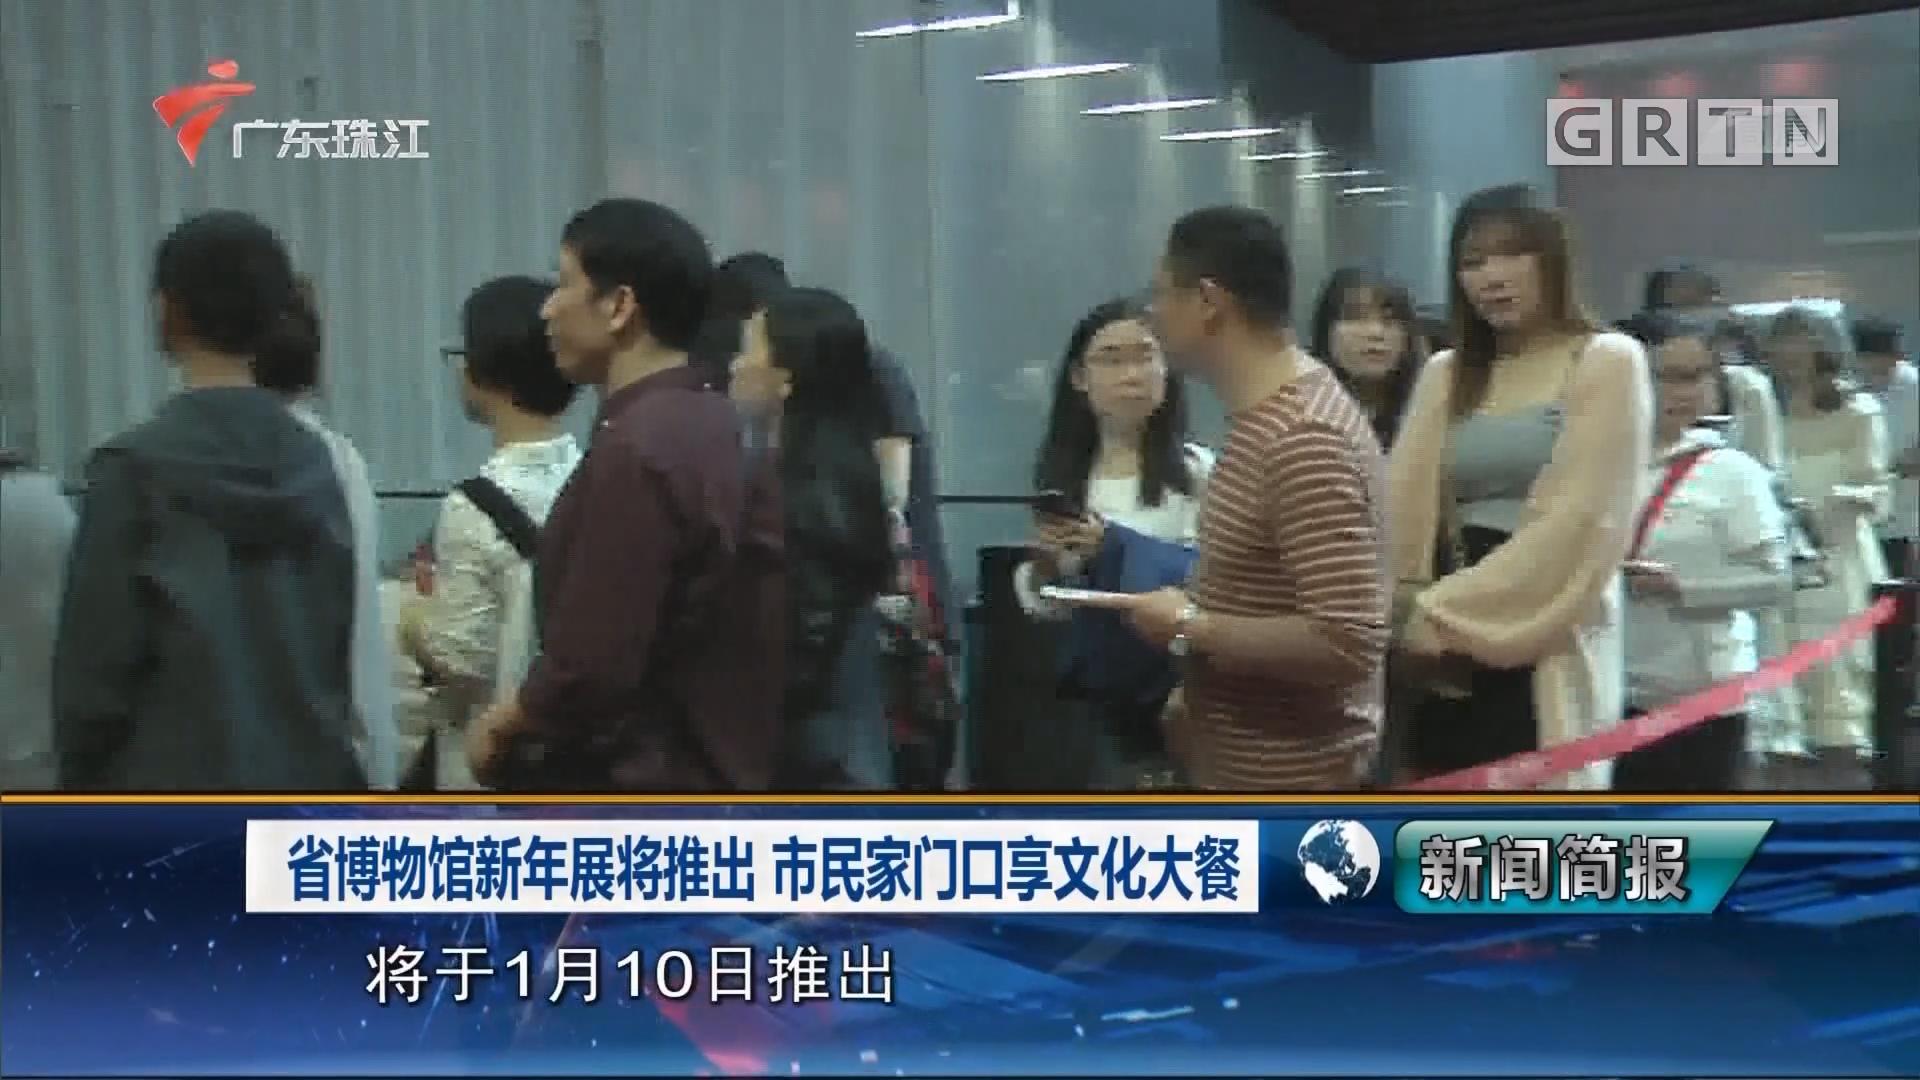 省博物馆新年展将推出 市民家门口享文化大餐